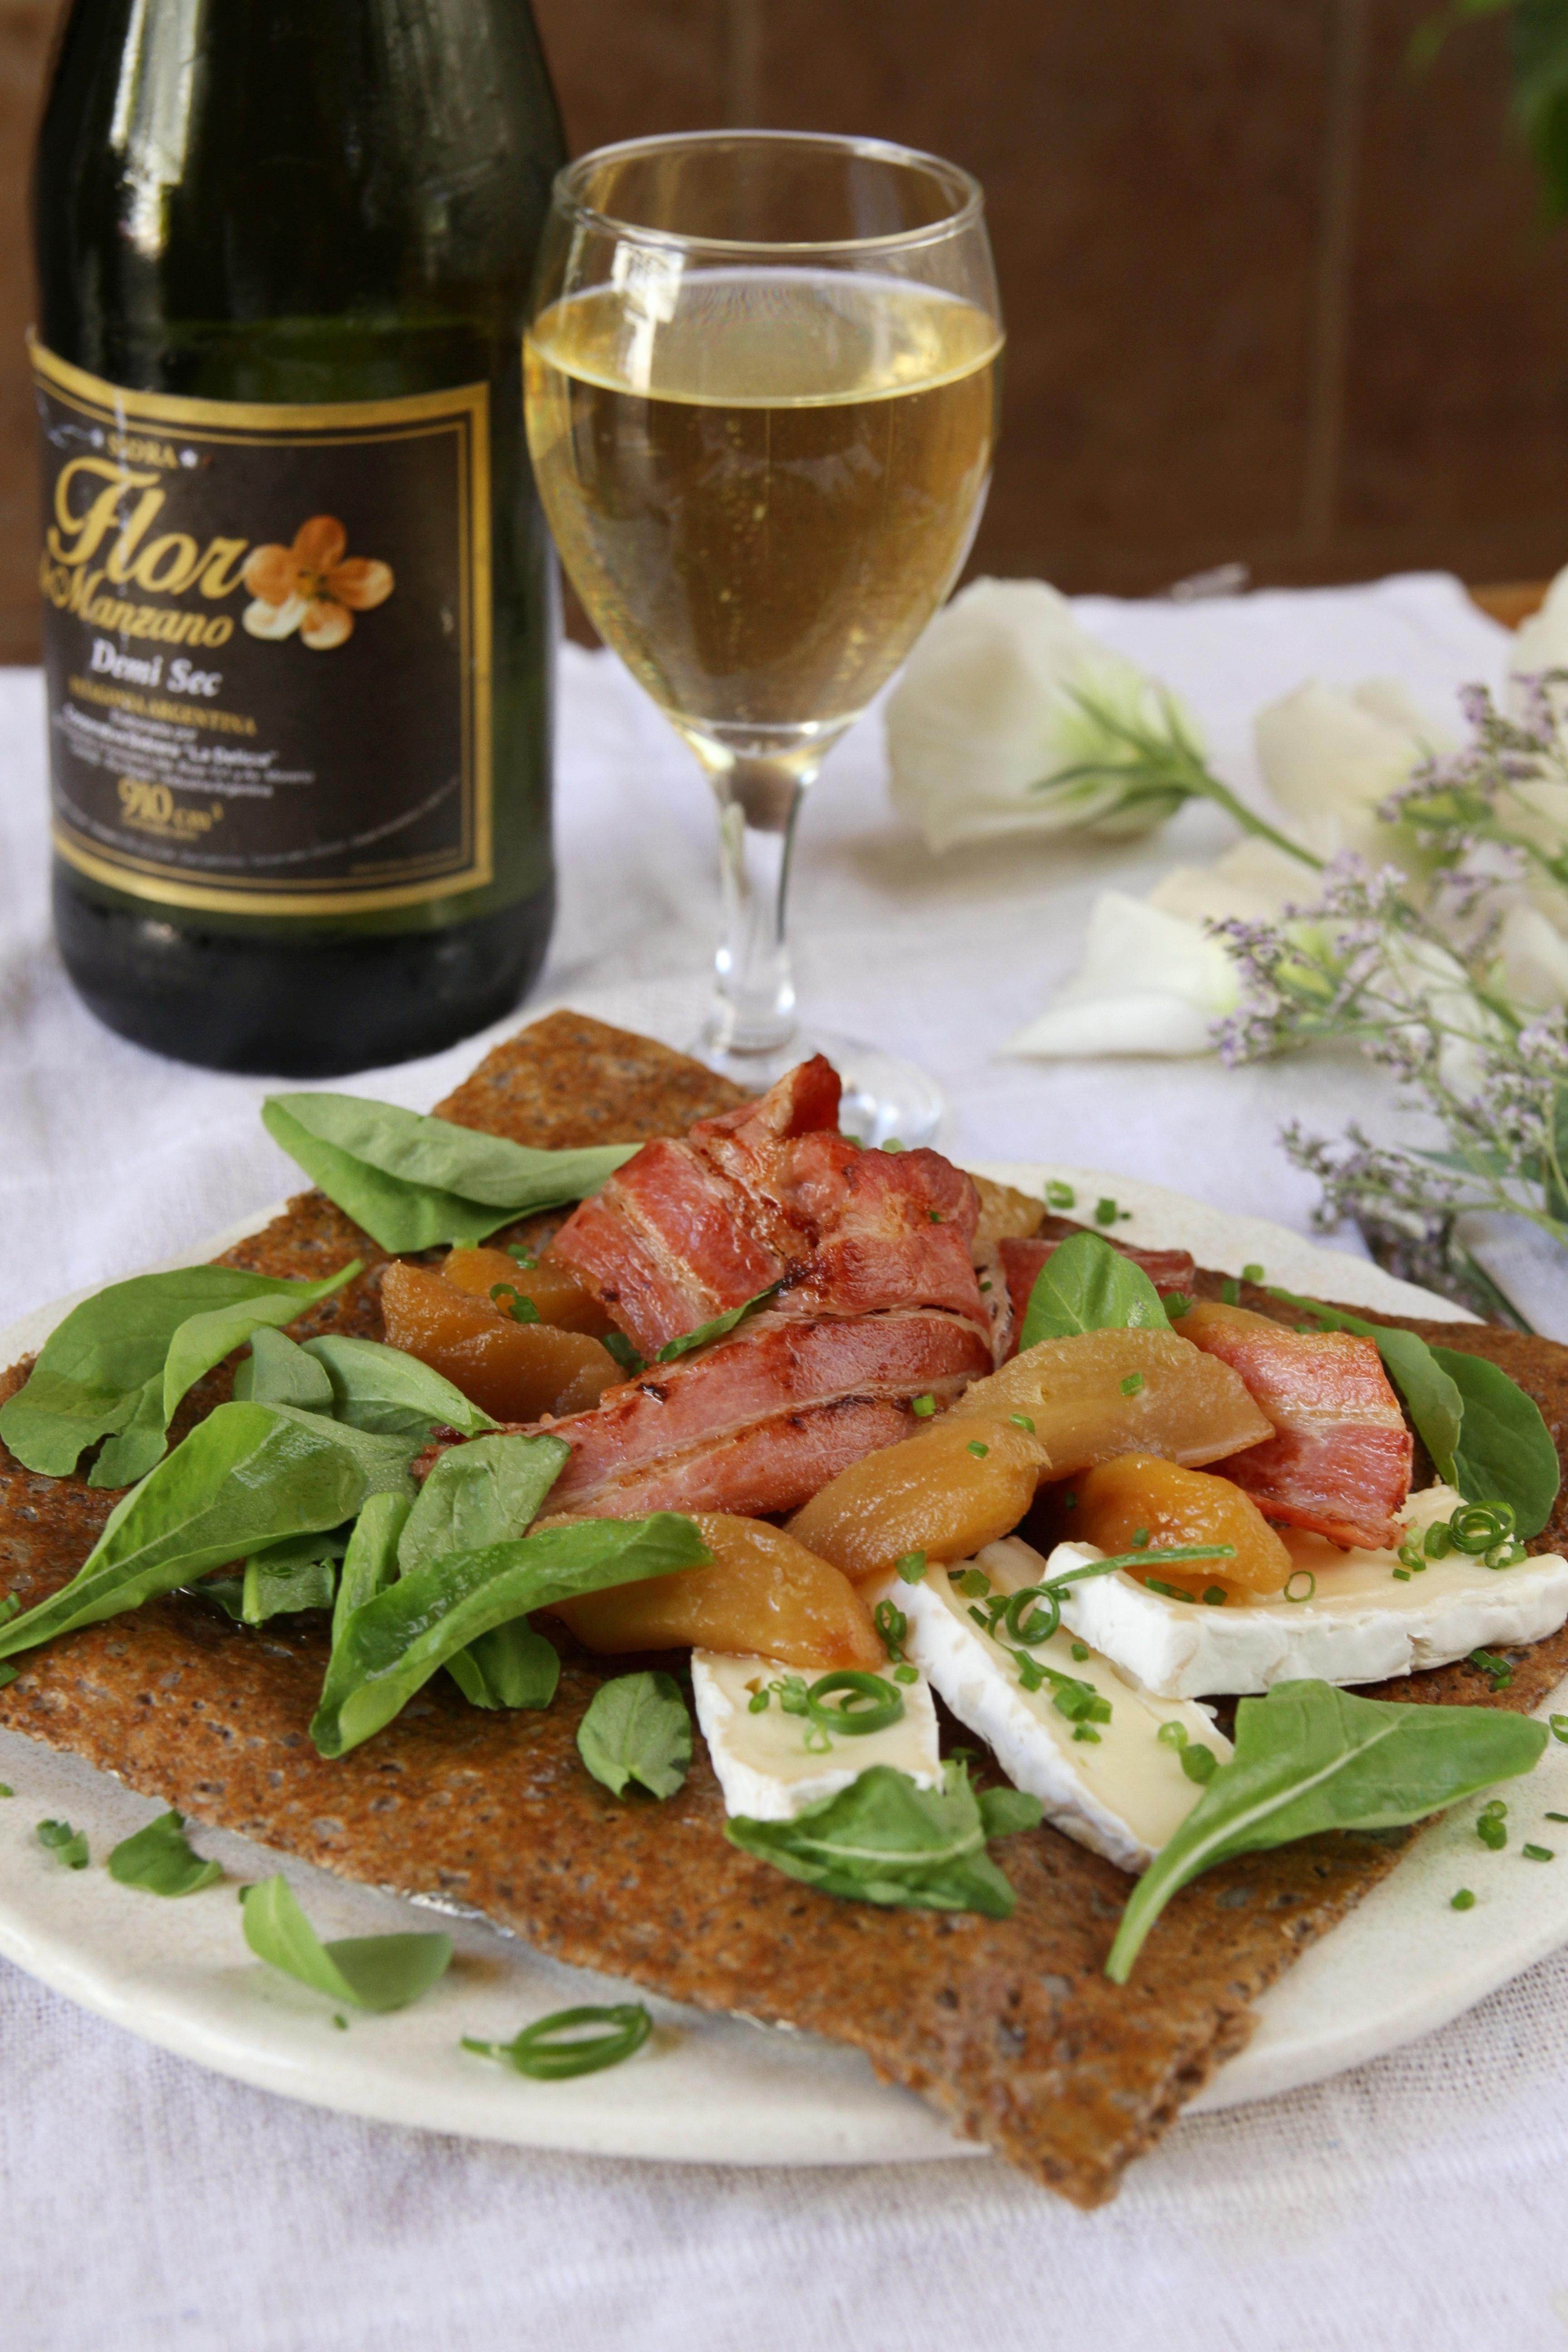 El día de la Chandeleur o de la Candelaria es una oportunidad en dónde en toda Francia se elaboran crêpes salados y dulces